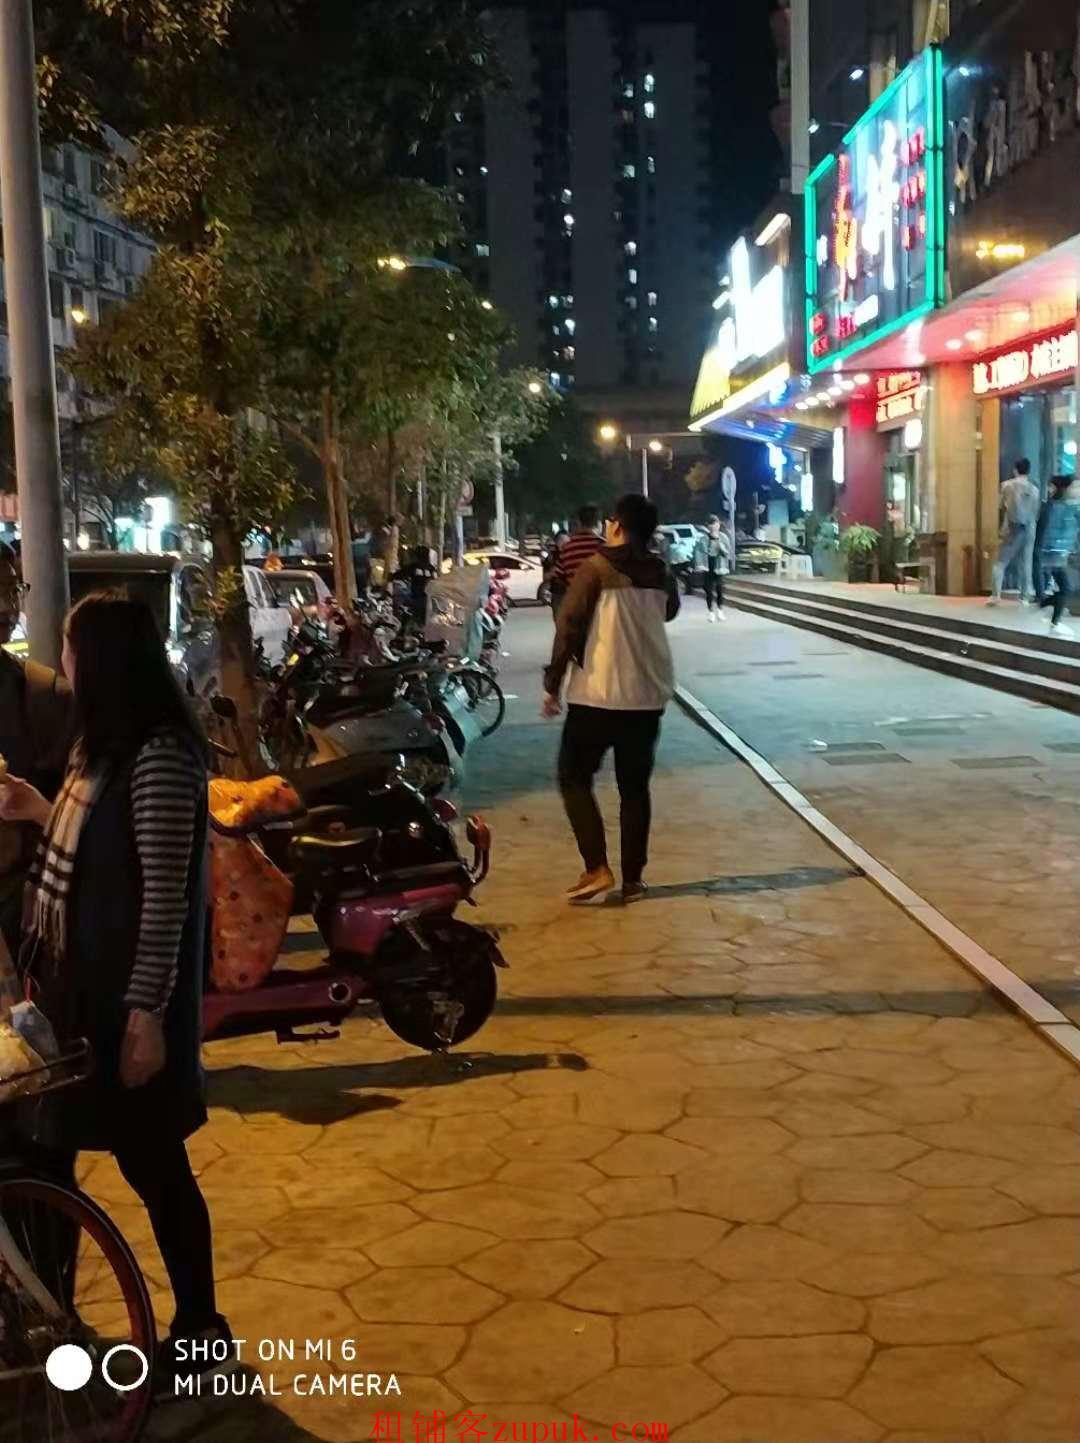 临平北大街步行街沿街美食档口 超火爆人流 执照齐全